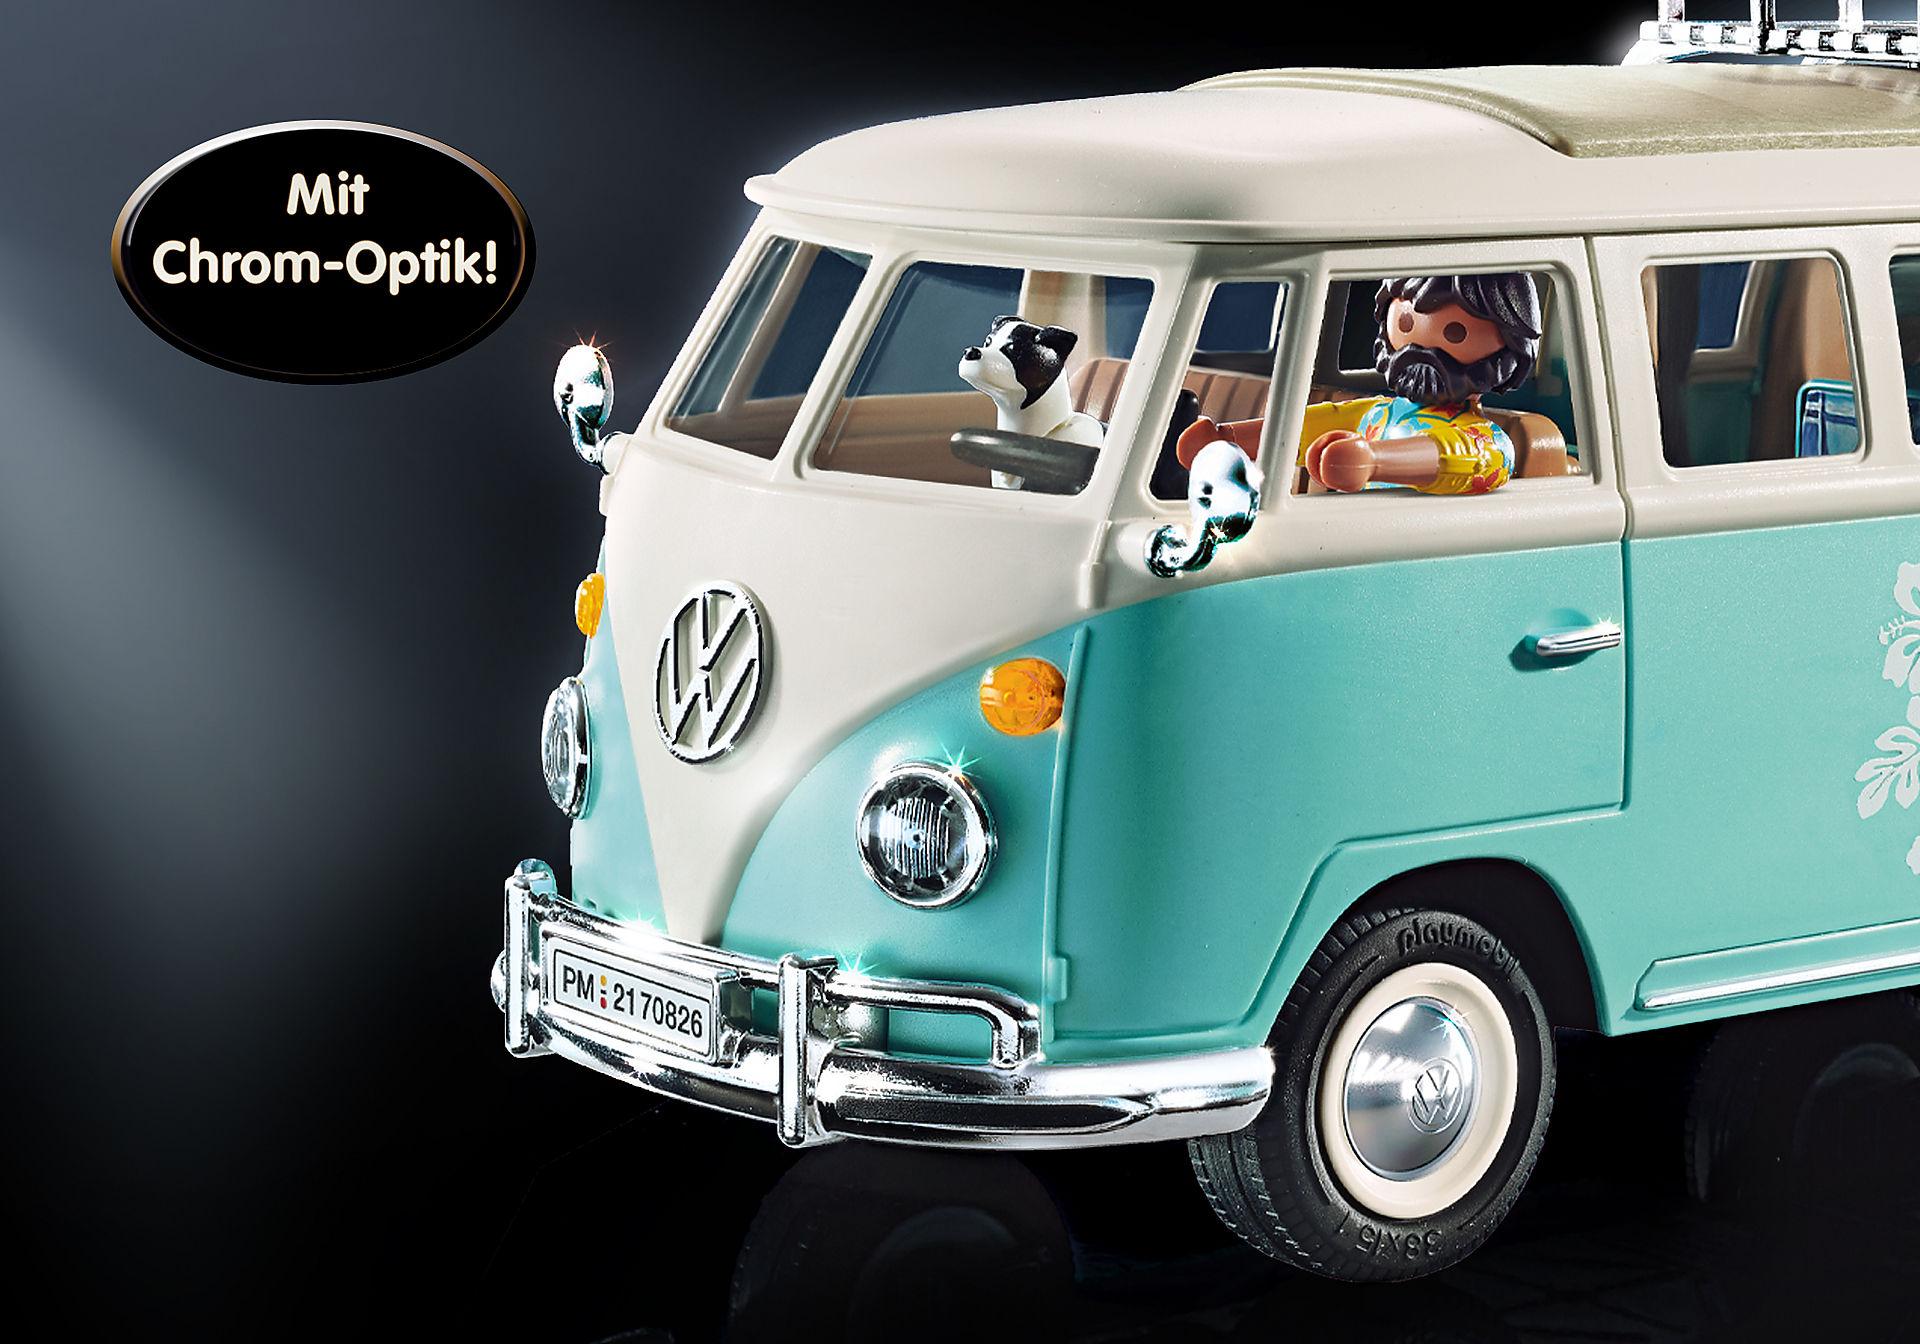 70826 Volkswagen T1 Camping Bus - Edição especial zoom image4